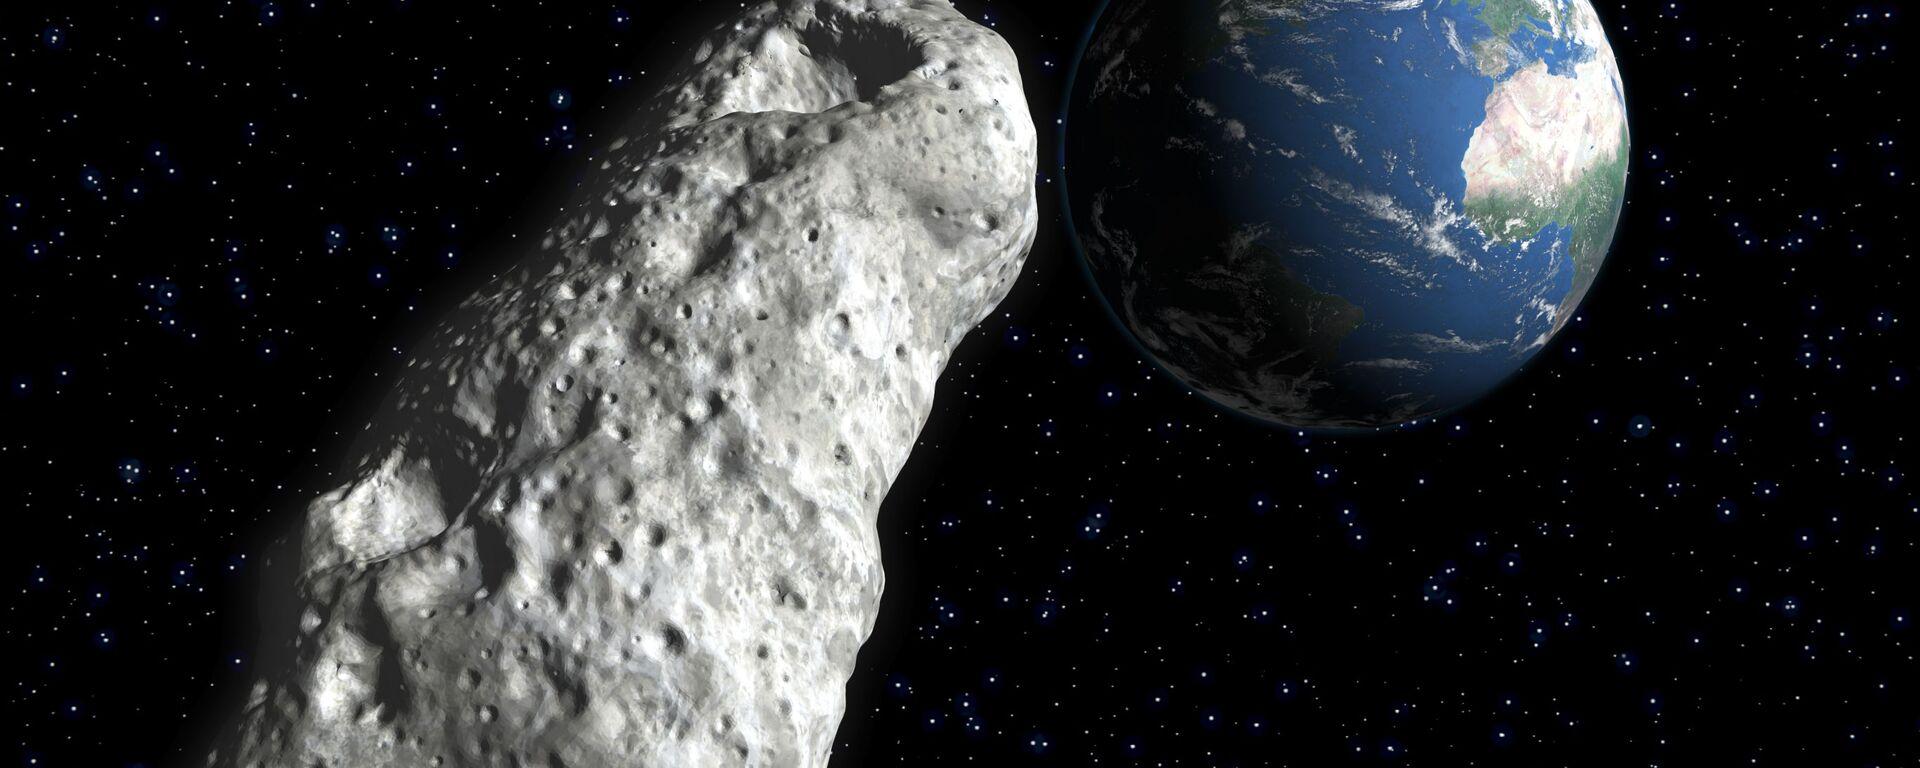 Un asteroide vicino alla Terra - Sputnik Italia, 1920, 04.03.2021